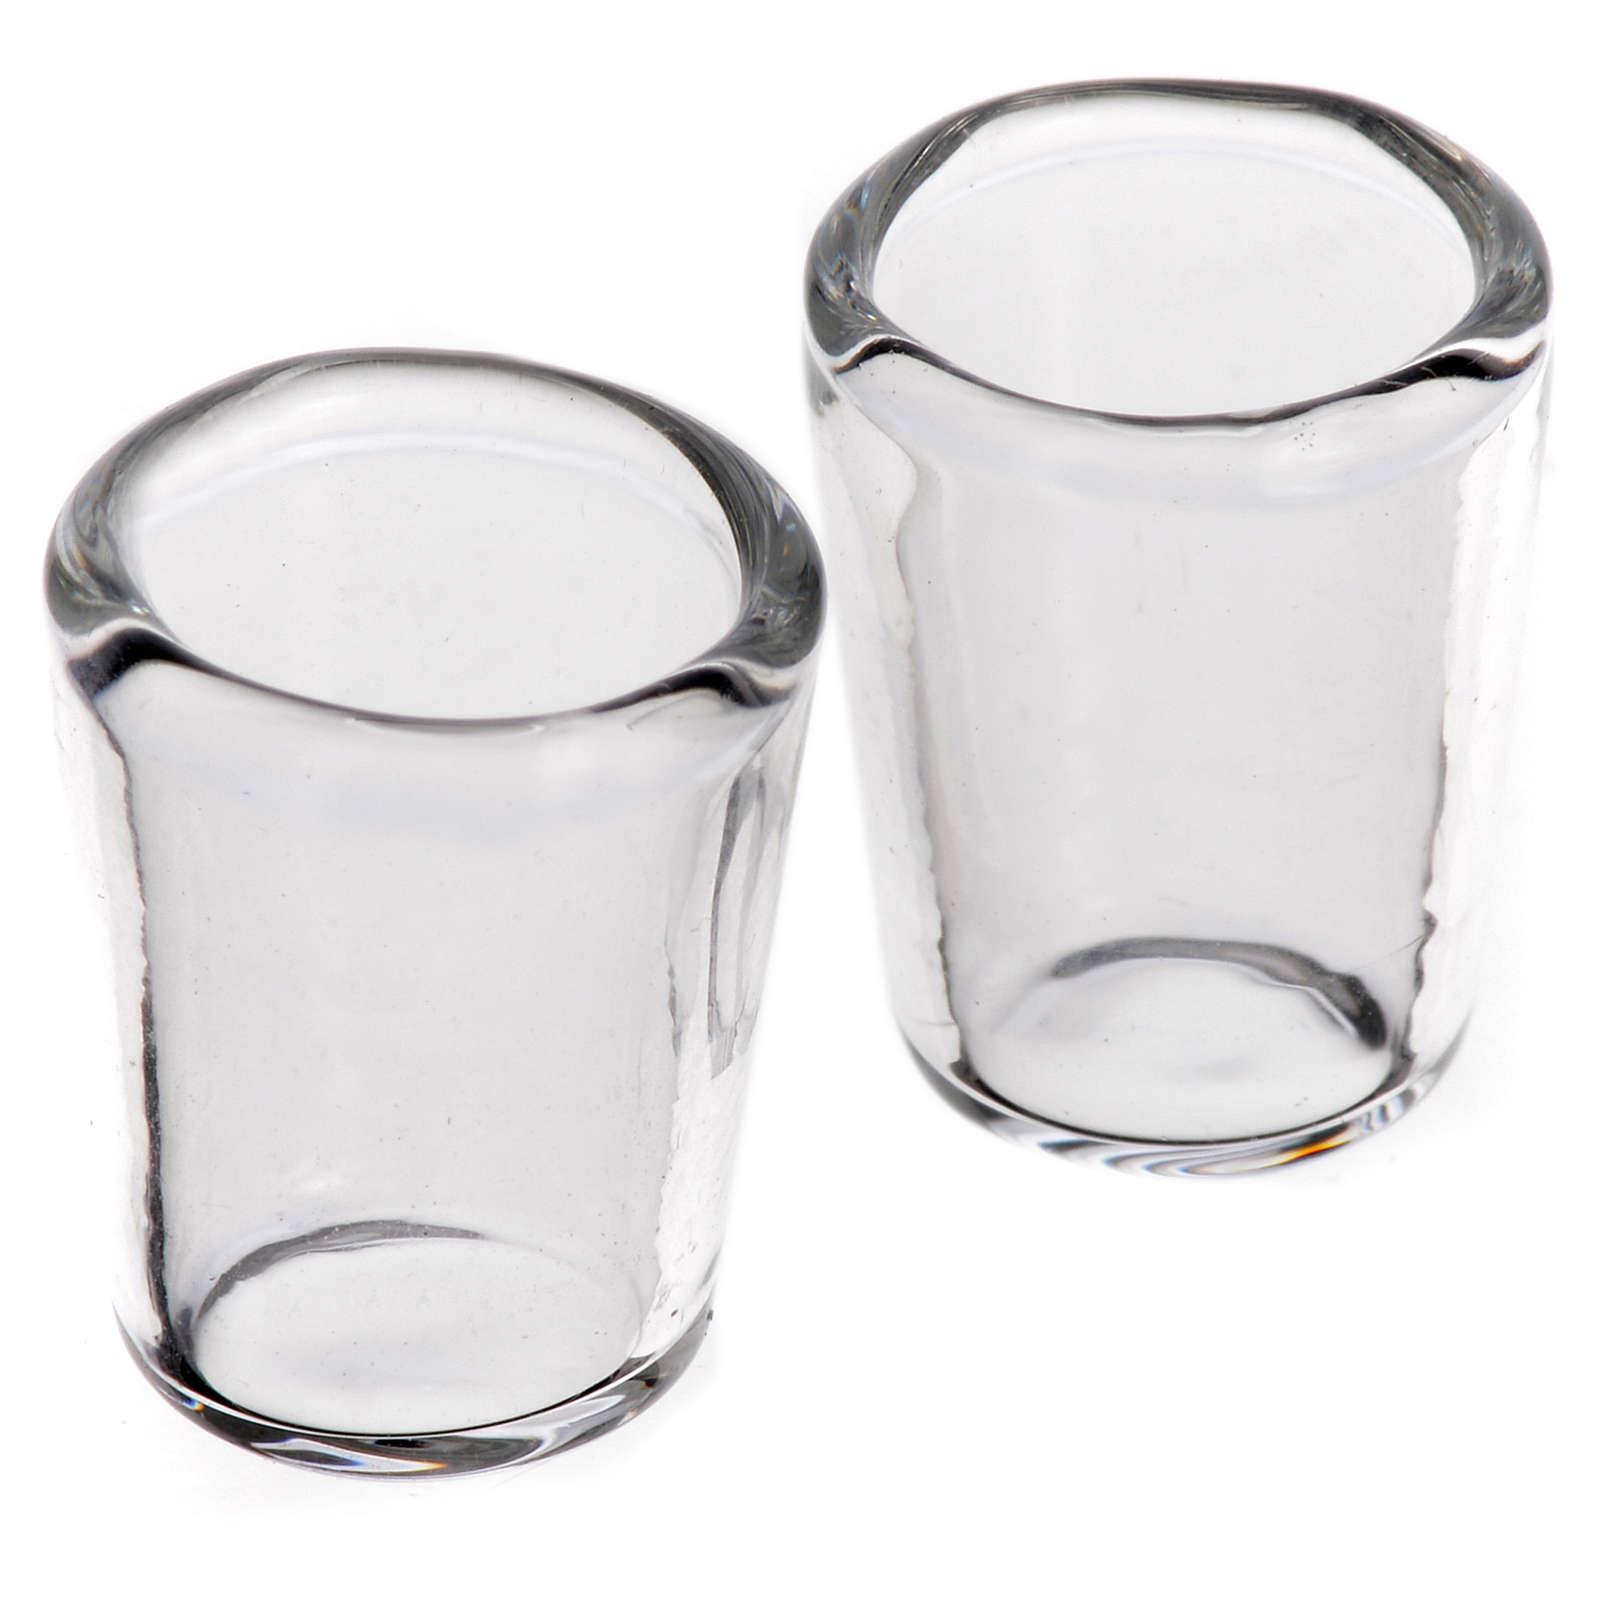 Vaso de cristal, 0.8x0.5mm set de 2 piezas 4